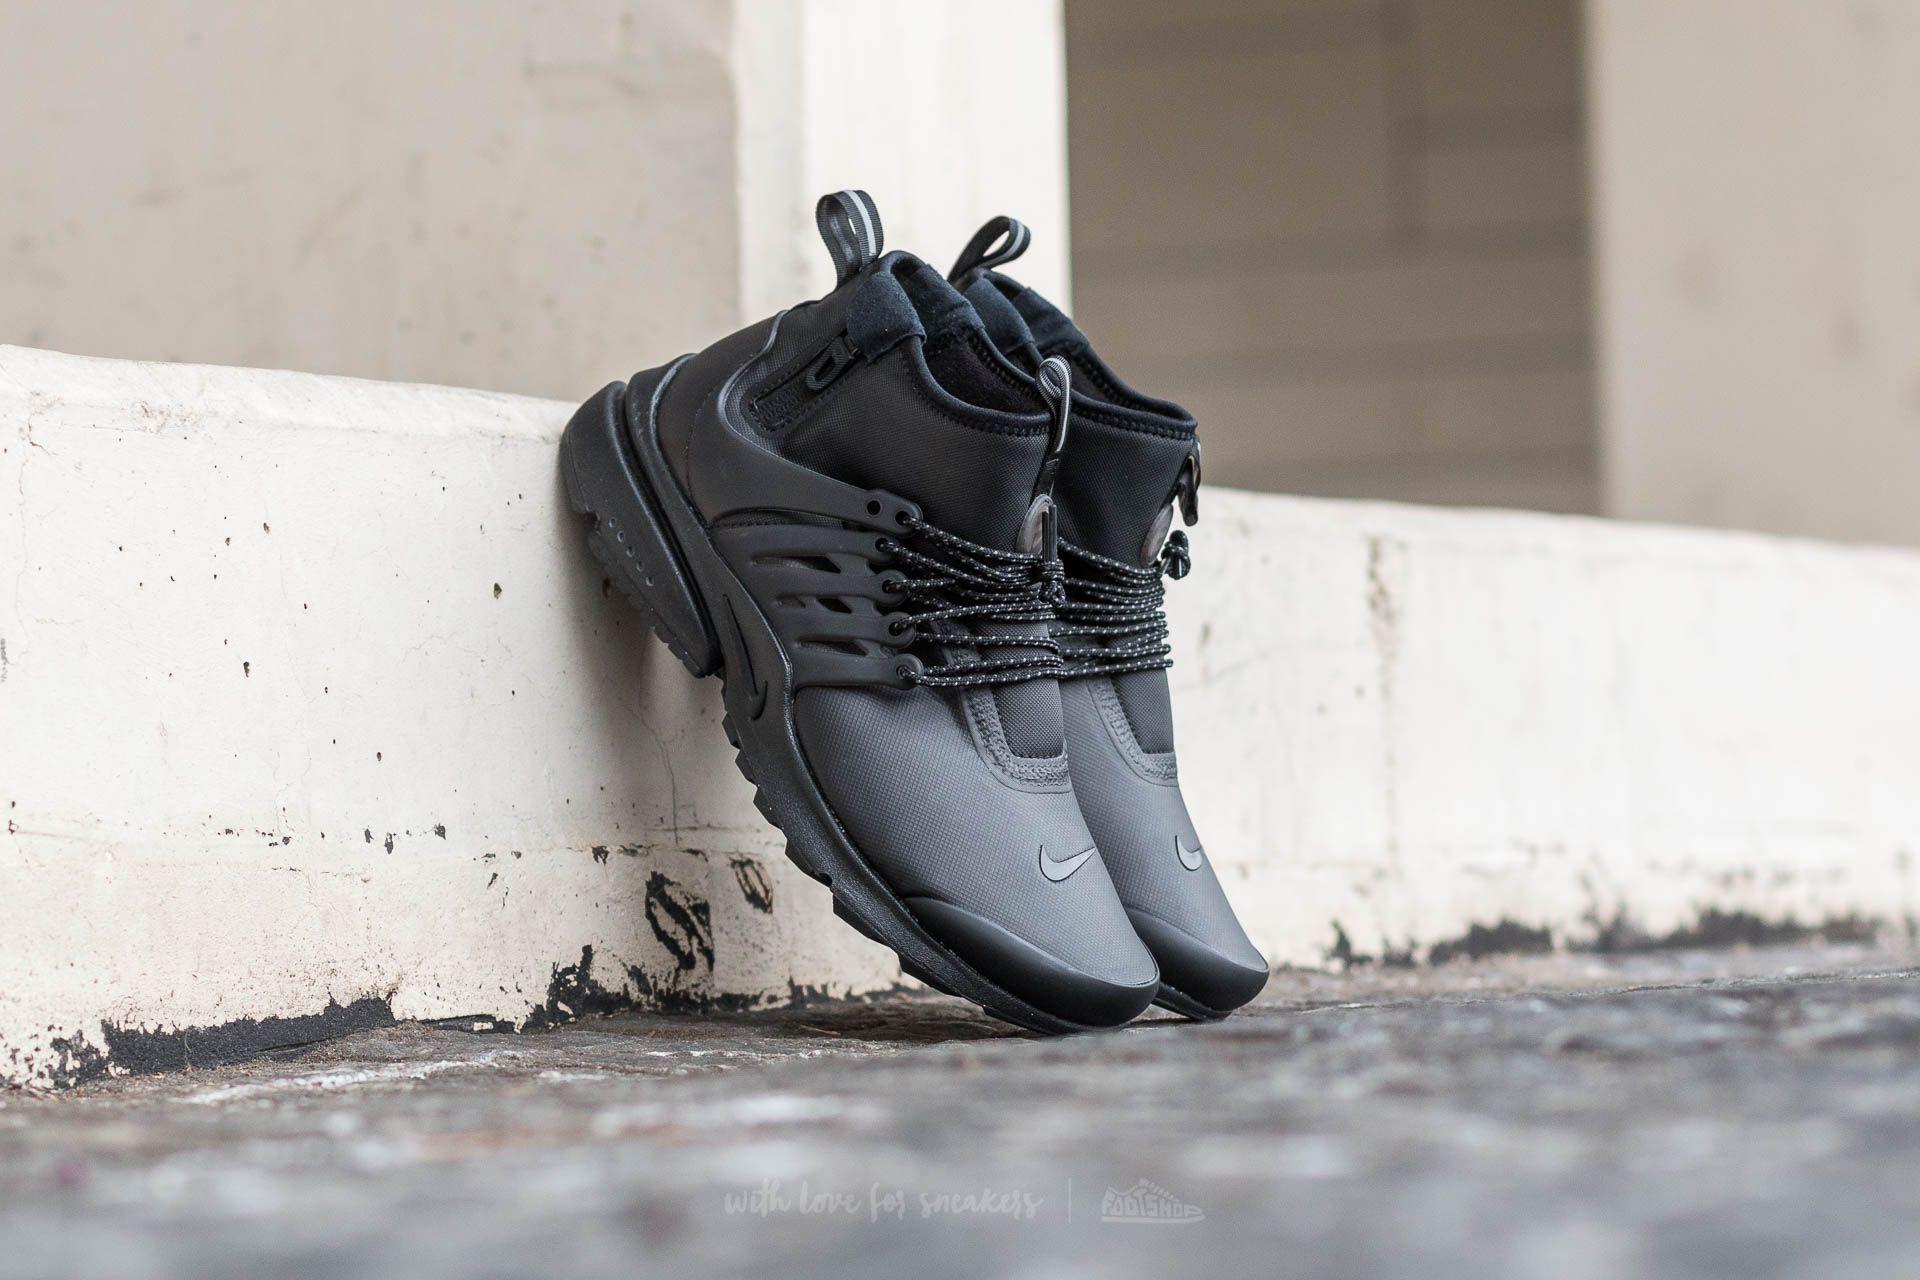 fad33ae12f4a Nike Air Presto MID Utility Black  Black-Volt-Dark Grey